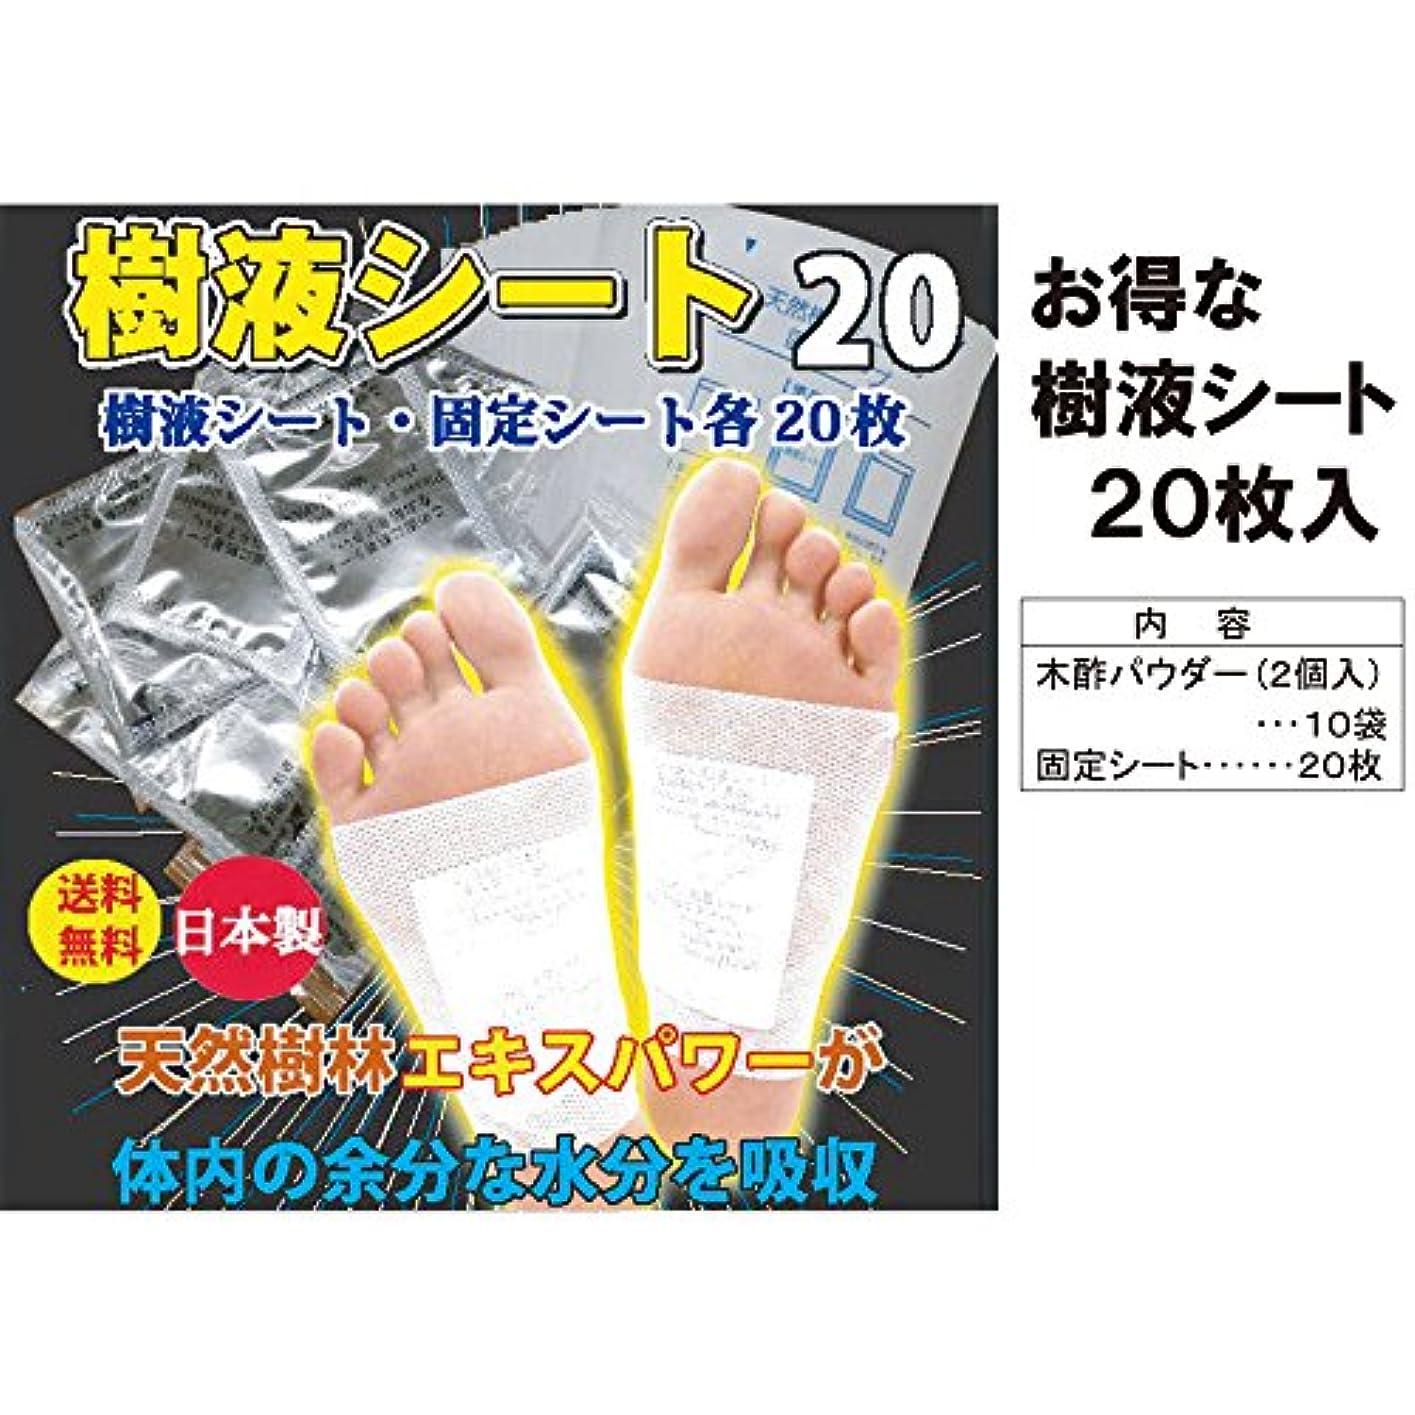 レモン著作権人気M&Sジャパン 日本製 足裏樹液シート 20枚 足裏 シート デトックス お徳用 健康 グッズ 足ツボ